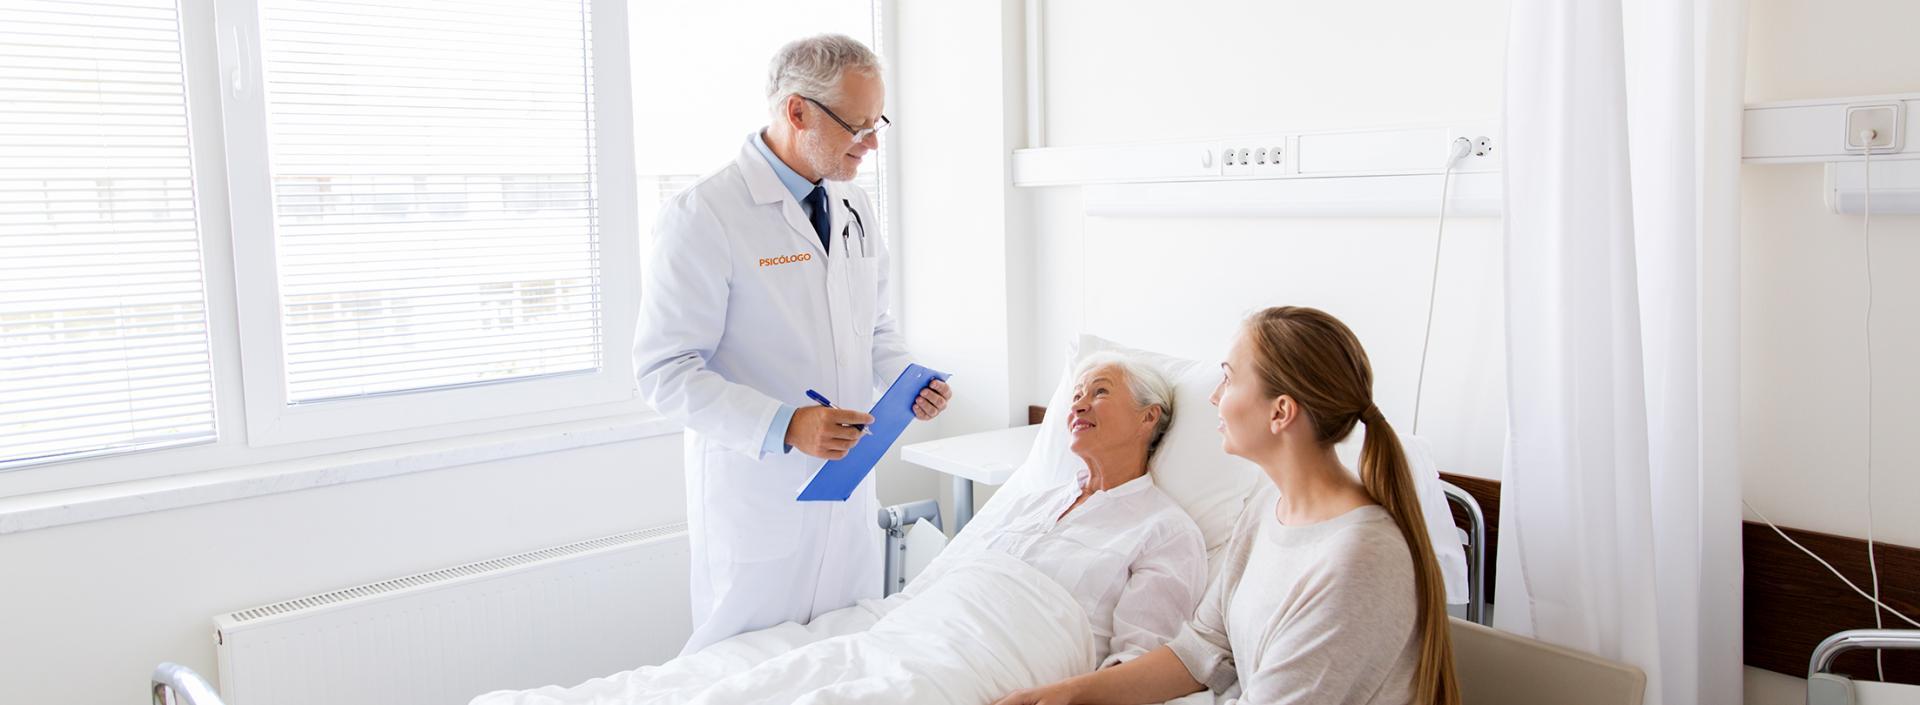 Especialização Avançada em Psicologia Clínica e da Saúde